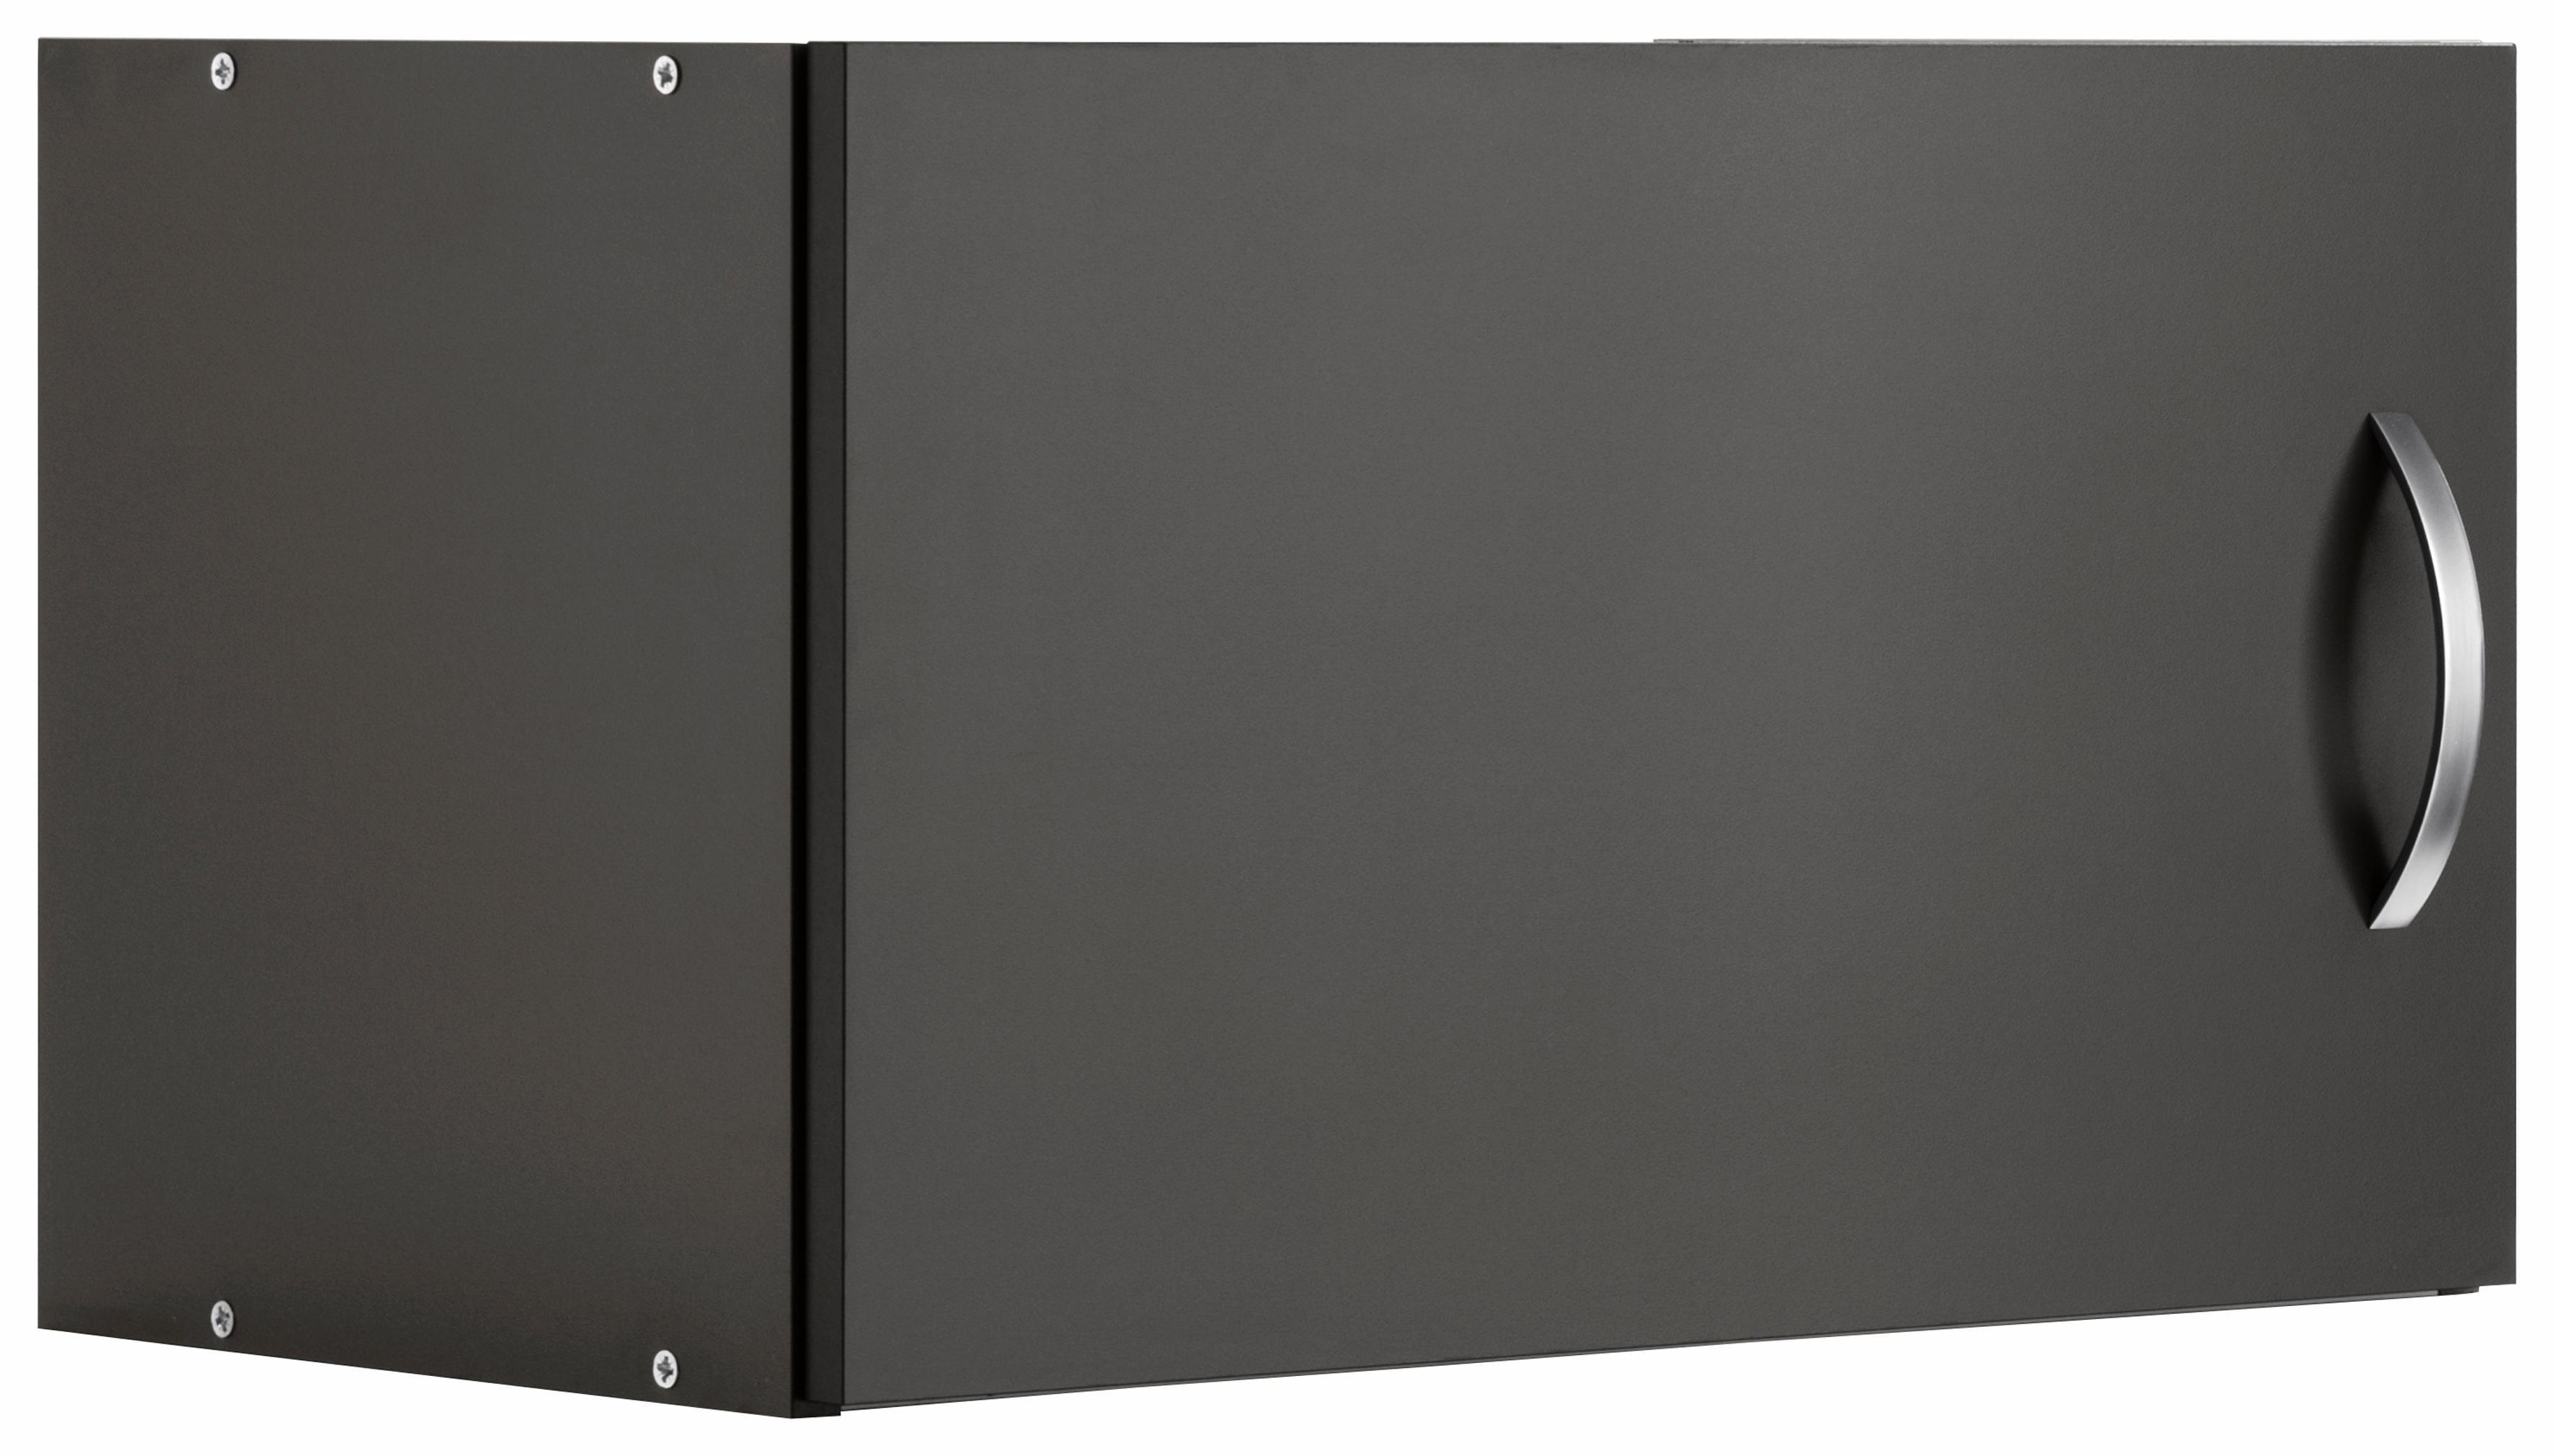 Kurzhänger Flexi | Wohnzimmer > Schränke > Hängeschränke | Grau